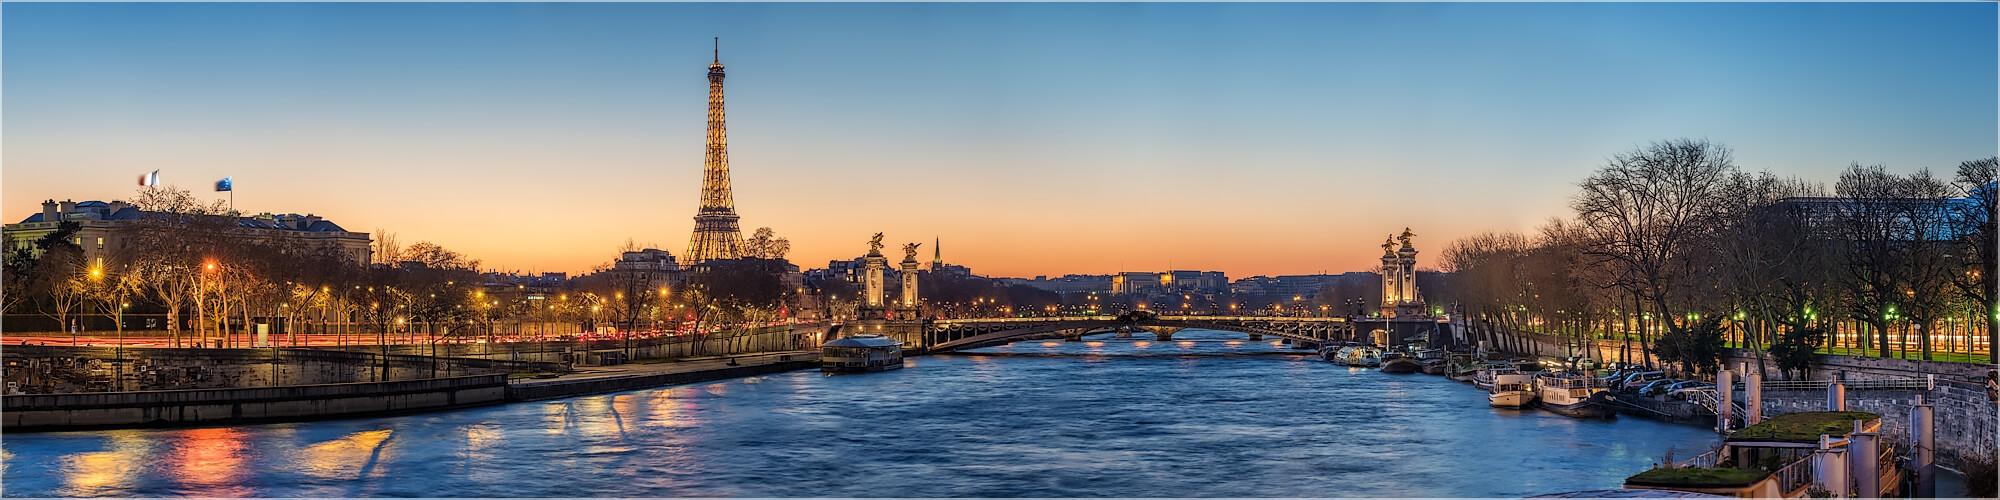 Panoramabild Abends an der Seine Paris Frankreich